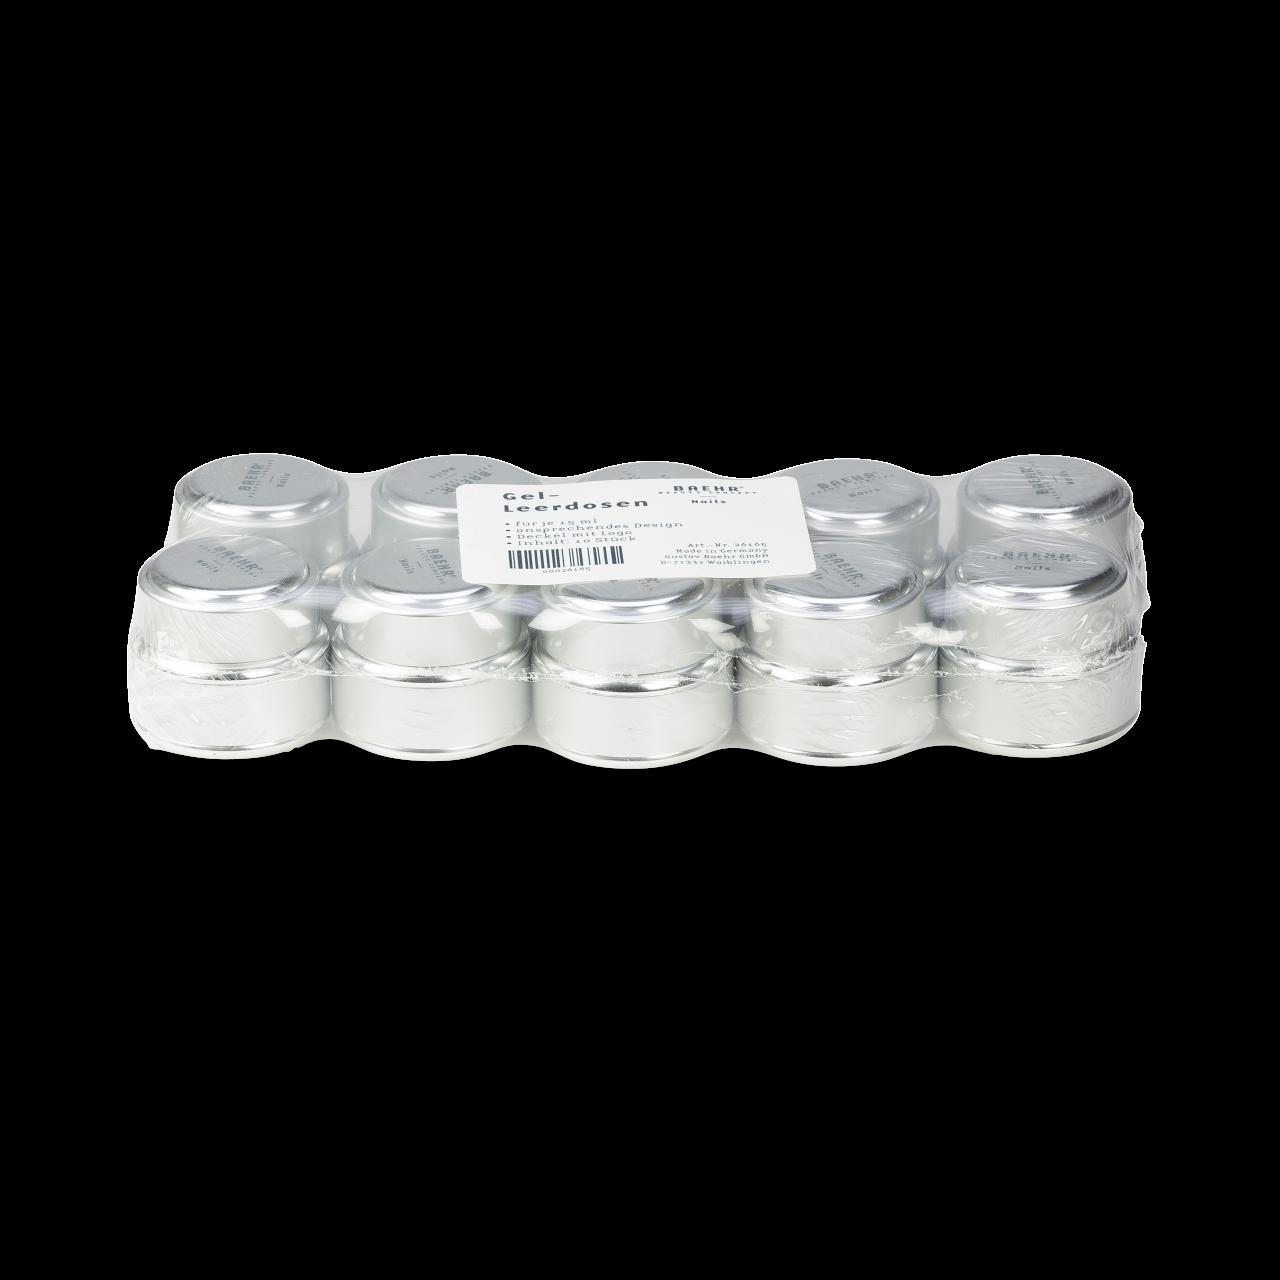 Gel-Leerdosen für 15 ml 1 Pack (10 Stk.)